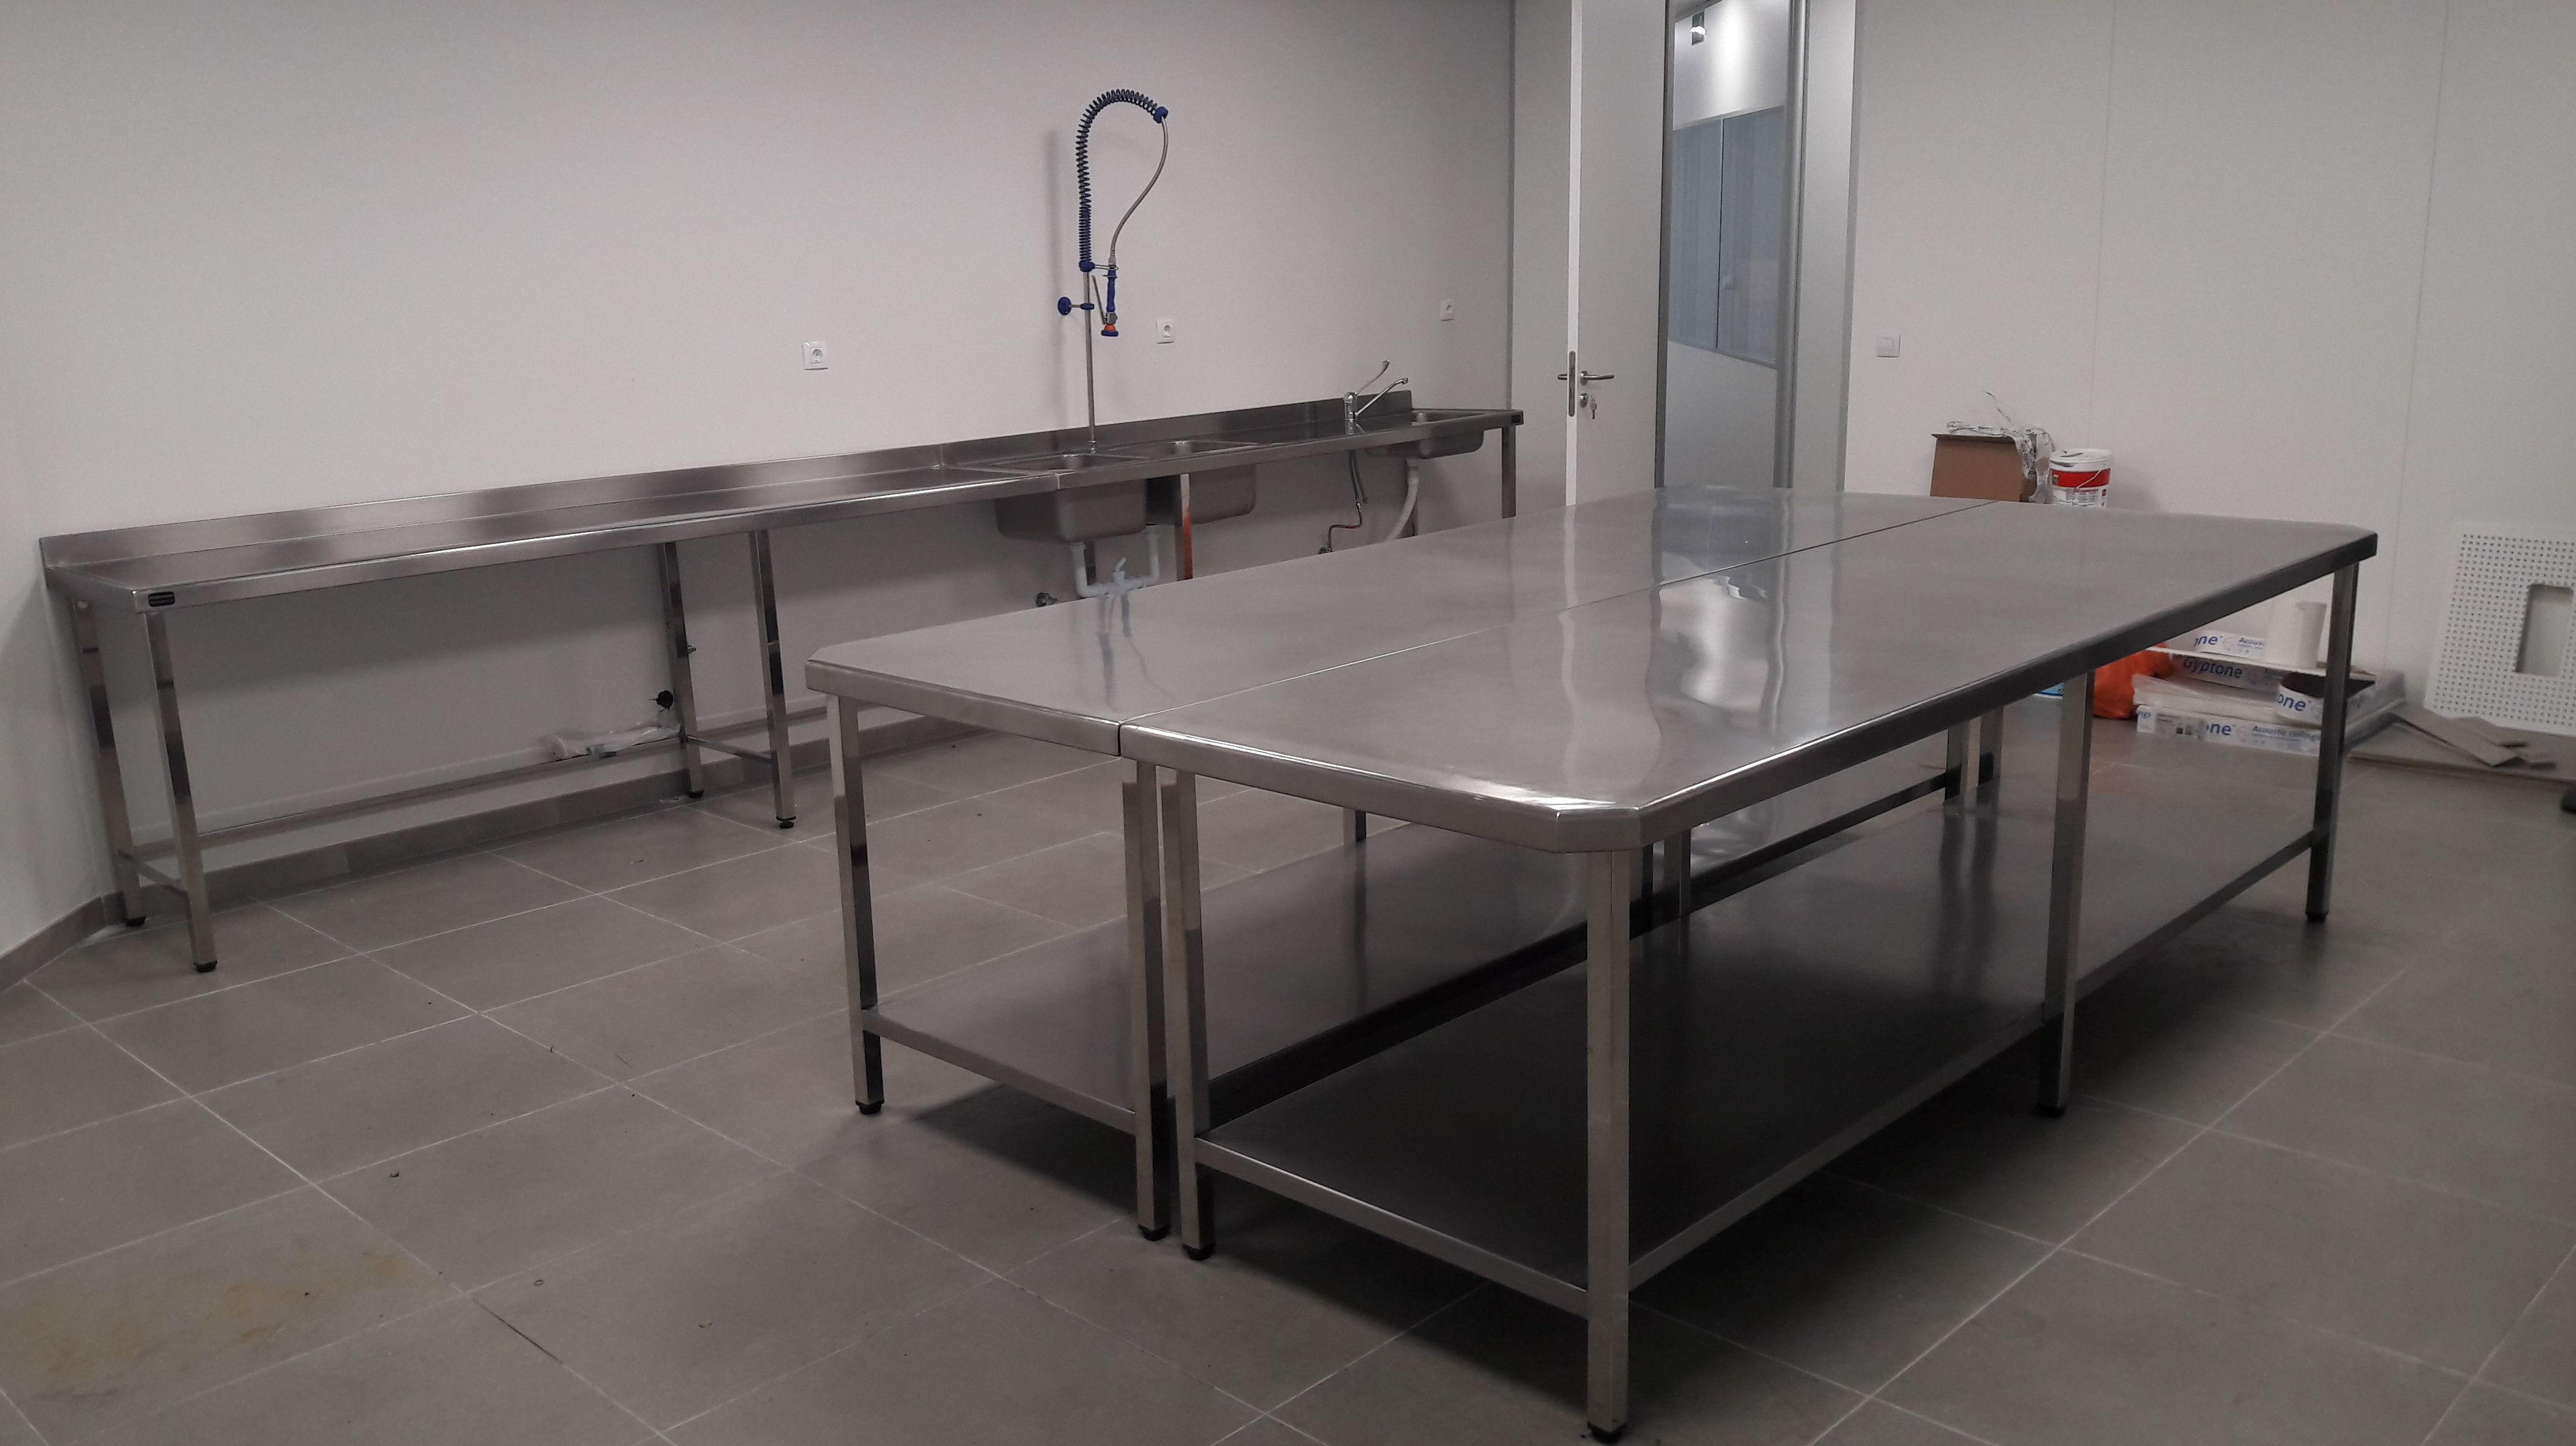 Mesas y fregaderos para Centro de entrenamiento de personal